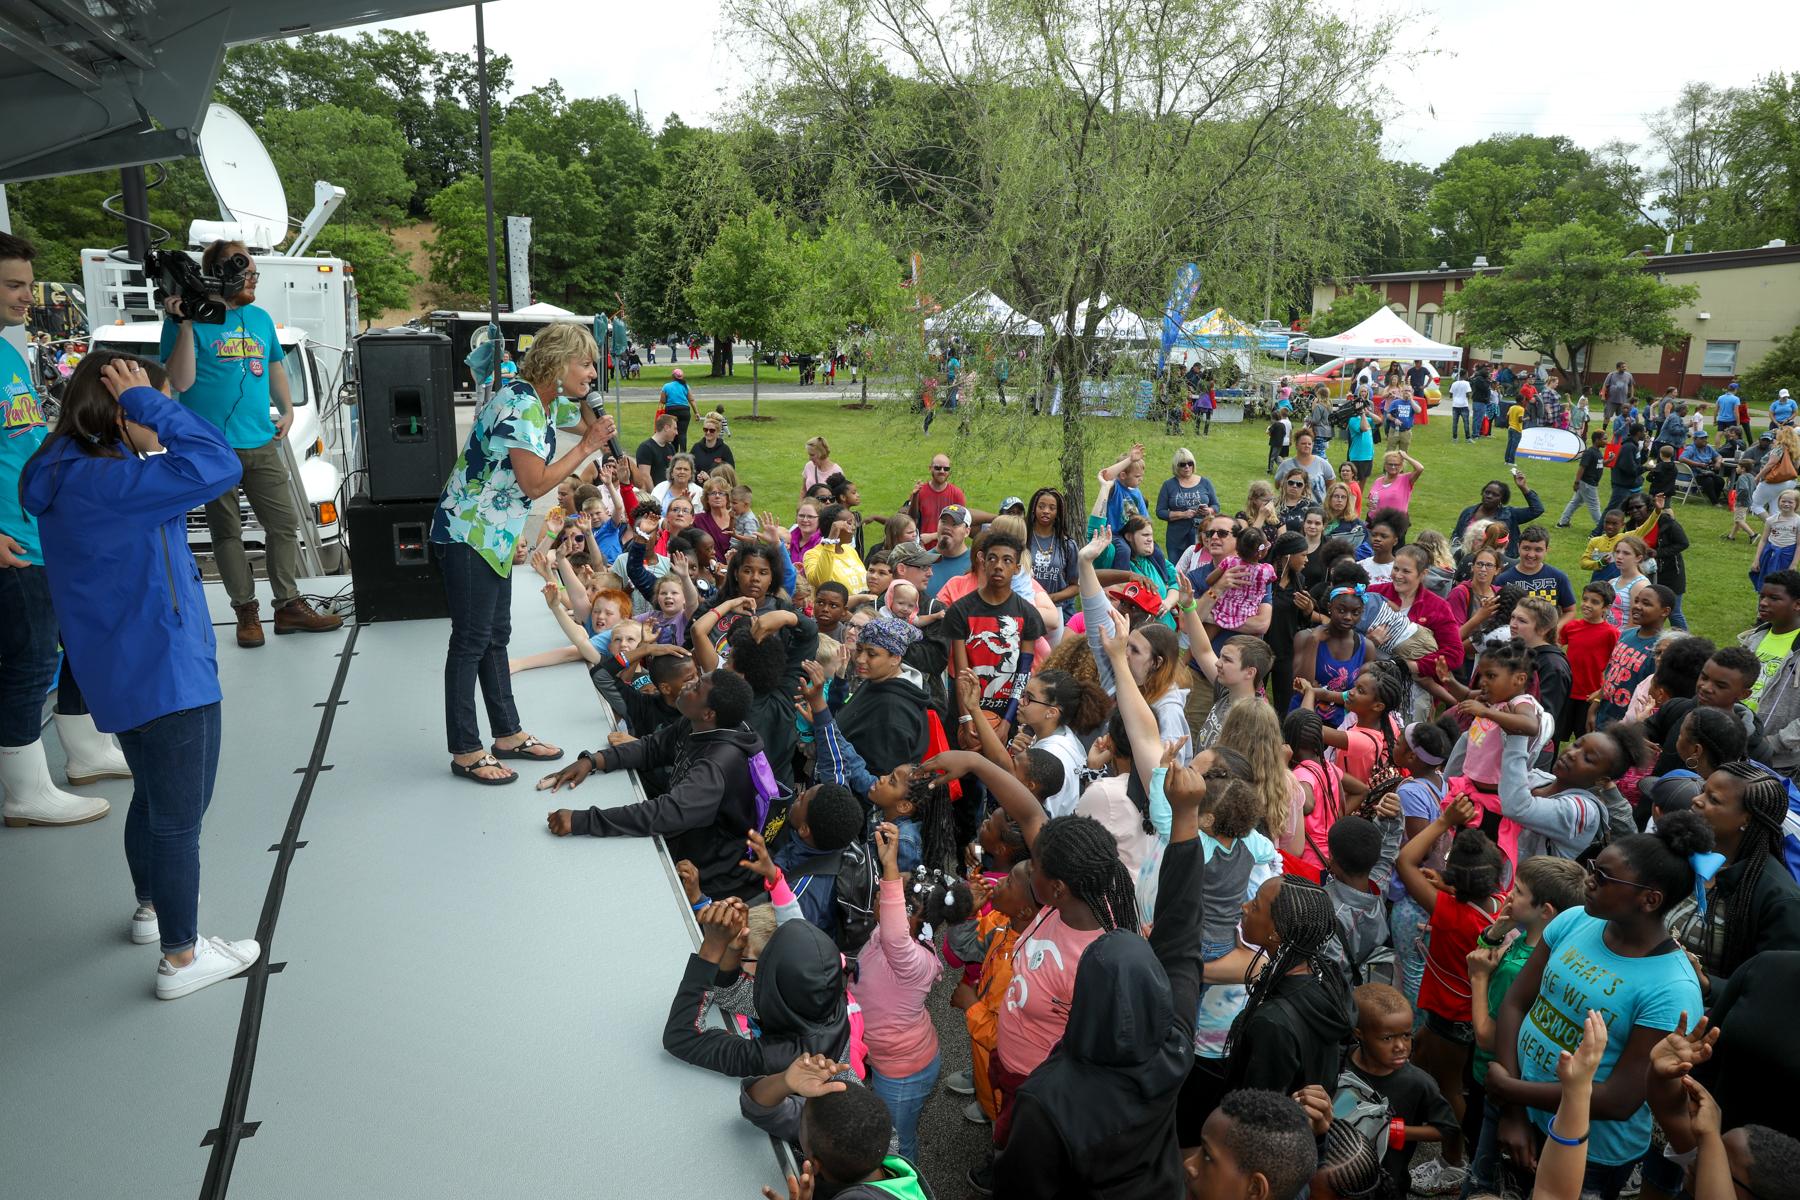 Maranda Park Party Smith-Ryerson Park